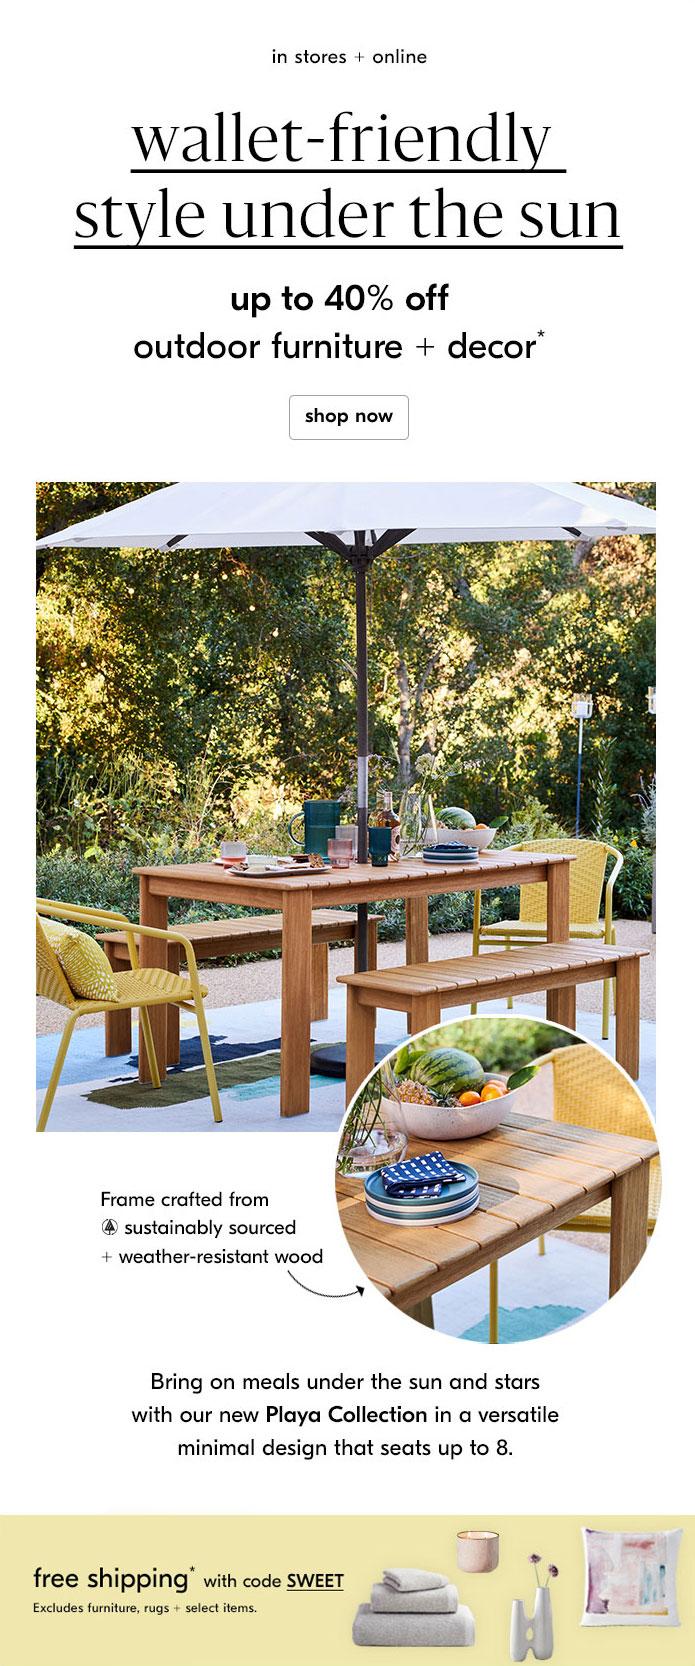 050219_Outdoor-furniture_EDM_V1_03.jpg